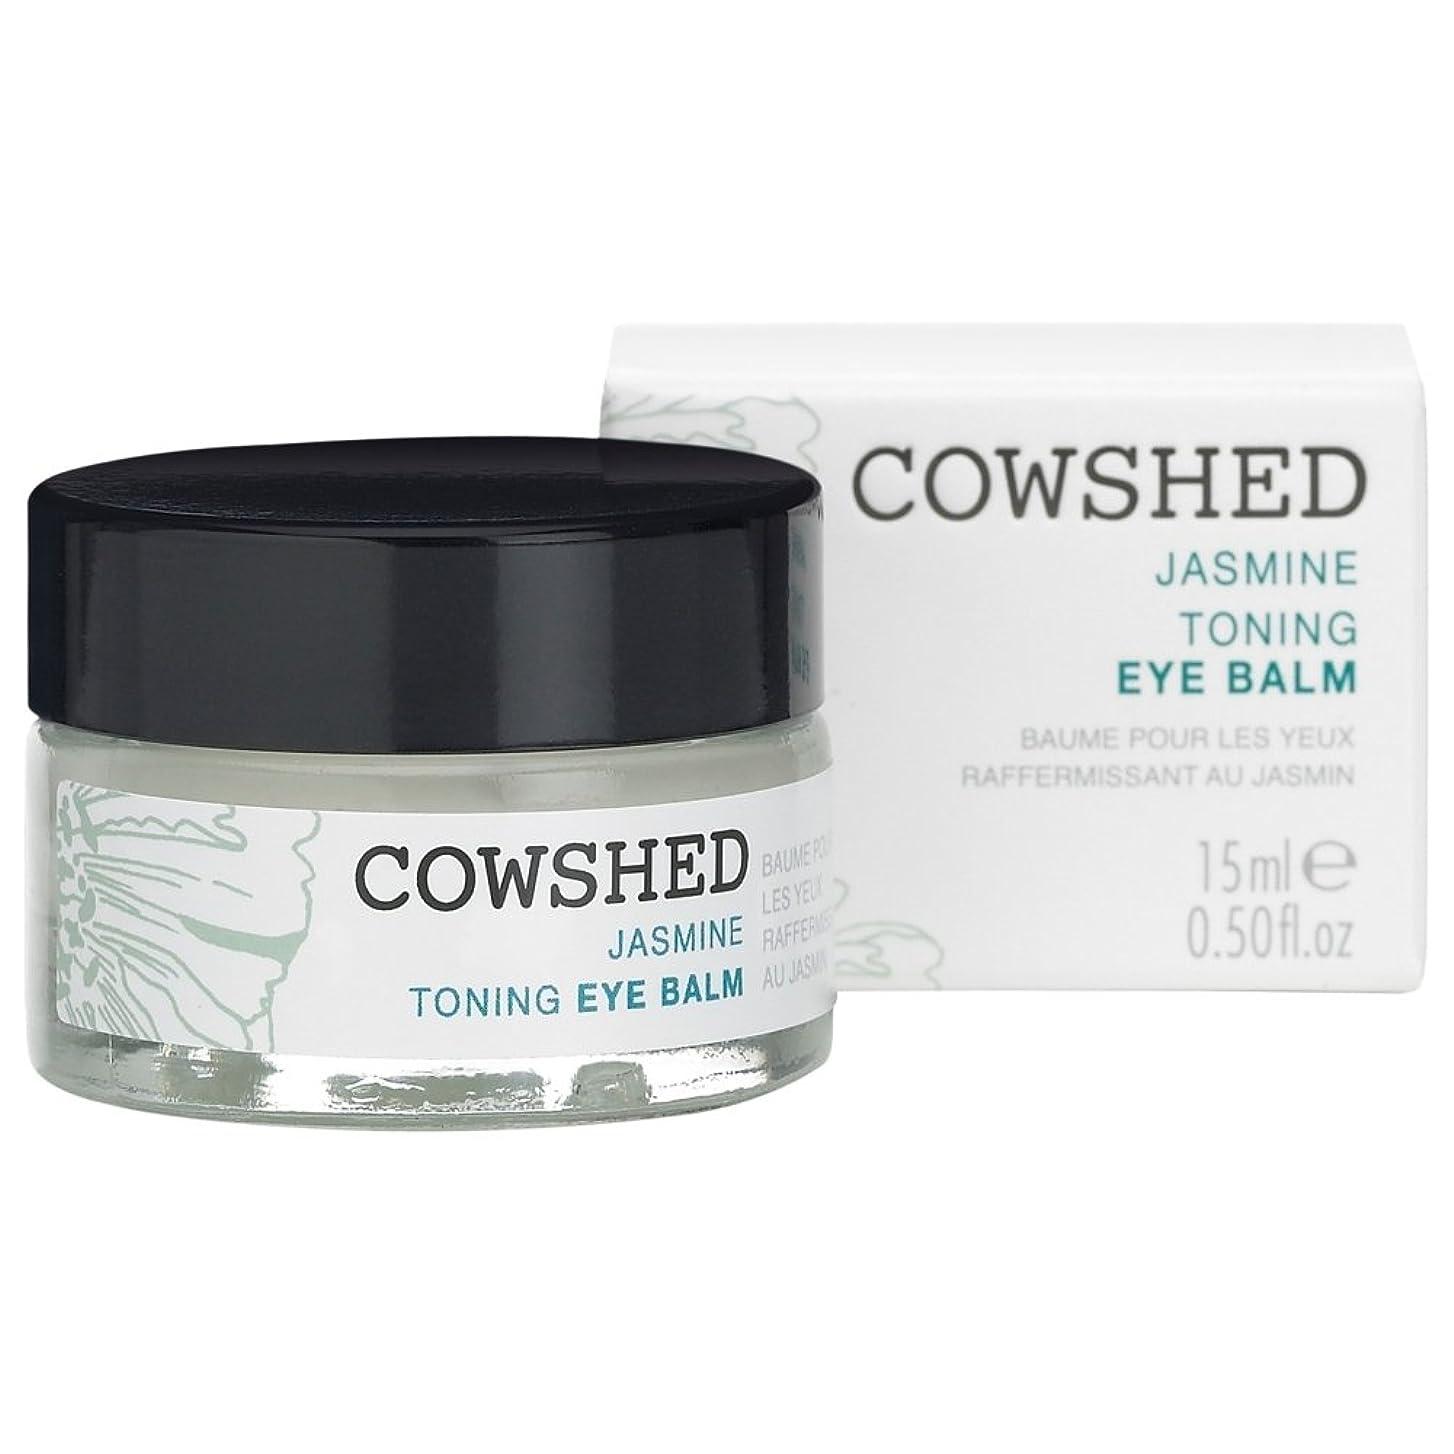 クール共和国ルネッサンス牛舎ジャスミン調色アイクリーム15ミリリットル (Cowshed) (x2) - Cowshed Jasmine Toning Eye Balm 15ml (Pack of 2) [並行輸入品]